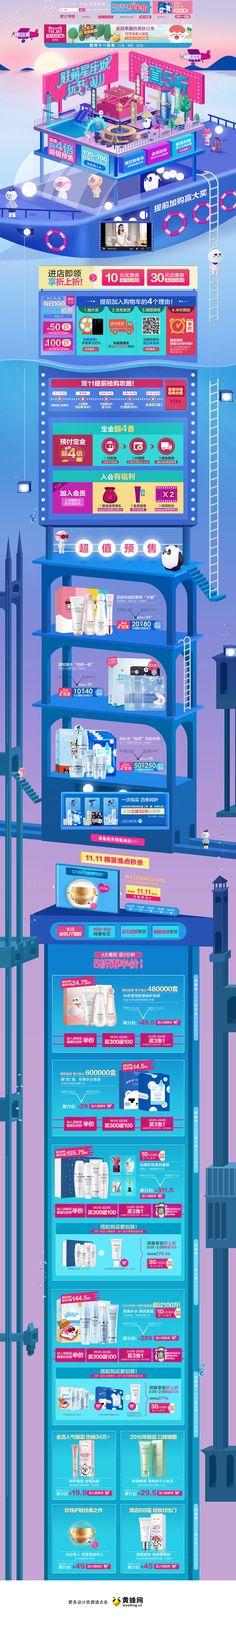 欧诗漫美妆美容美发护肤化妆品天猫双11预售双十一预售首页页面设计 更多设计资源尽在黄蜂网http://woofeng.cn/